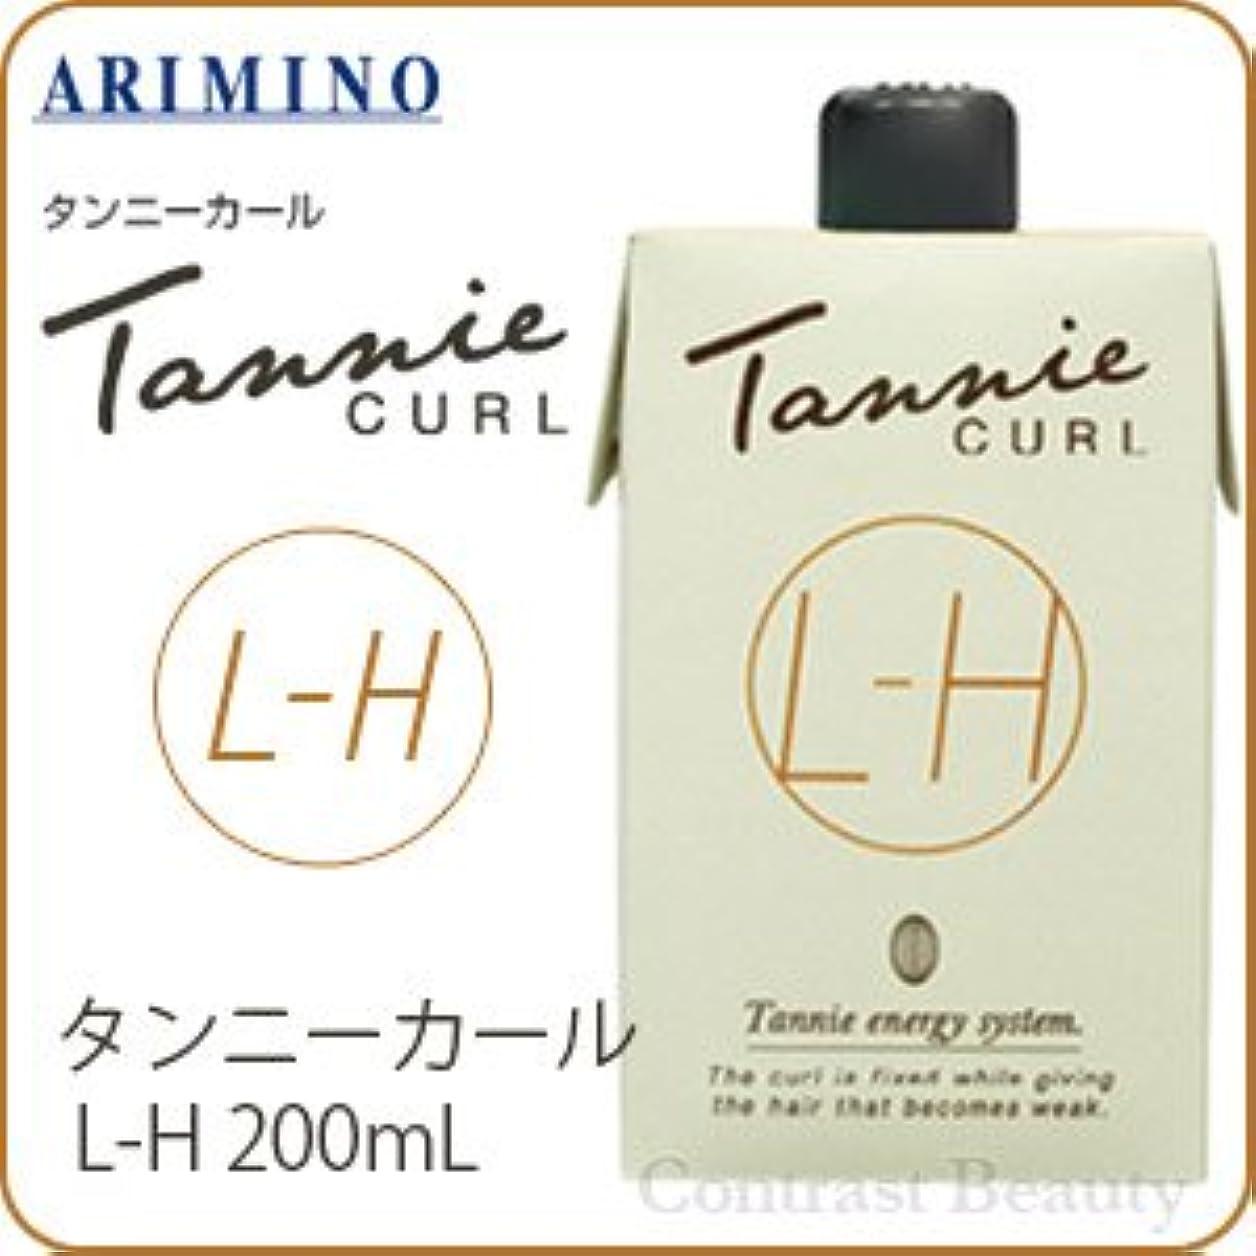 乳製品瞑想するとげのあるアリミノ タンニーカール L-H 400ml